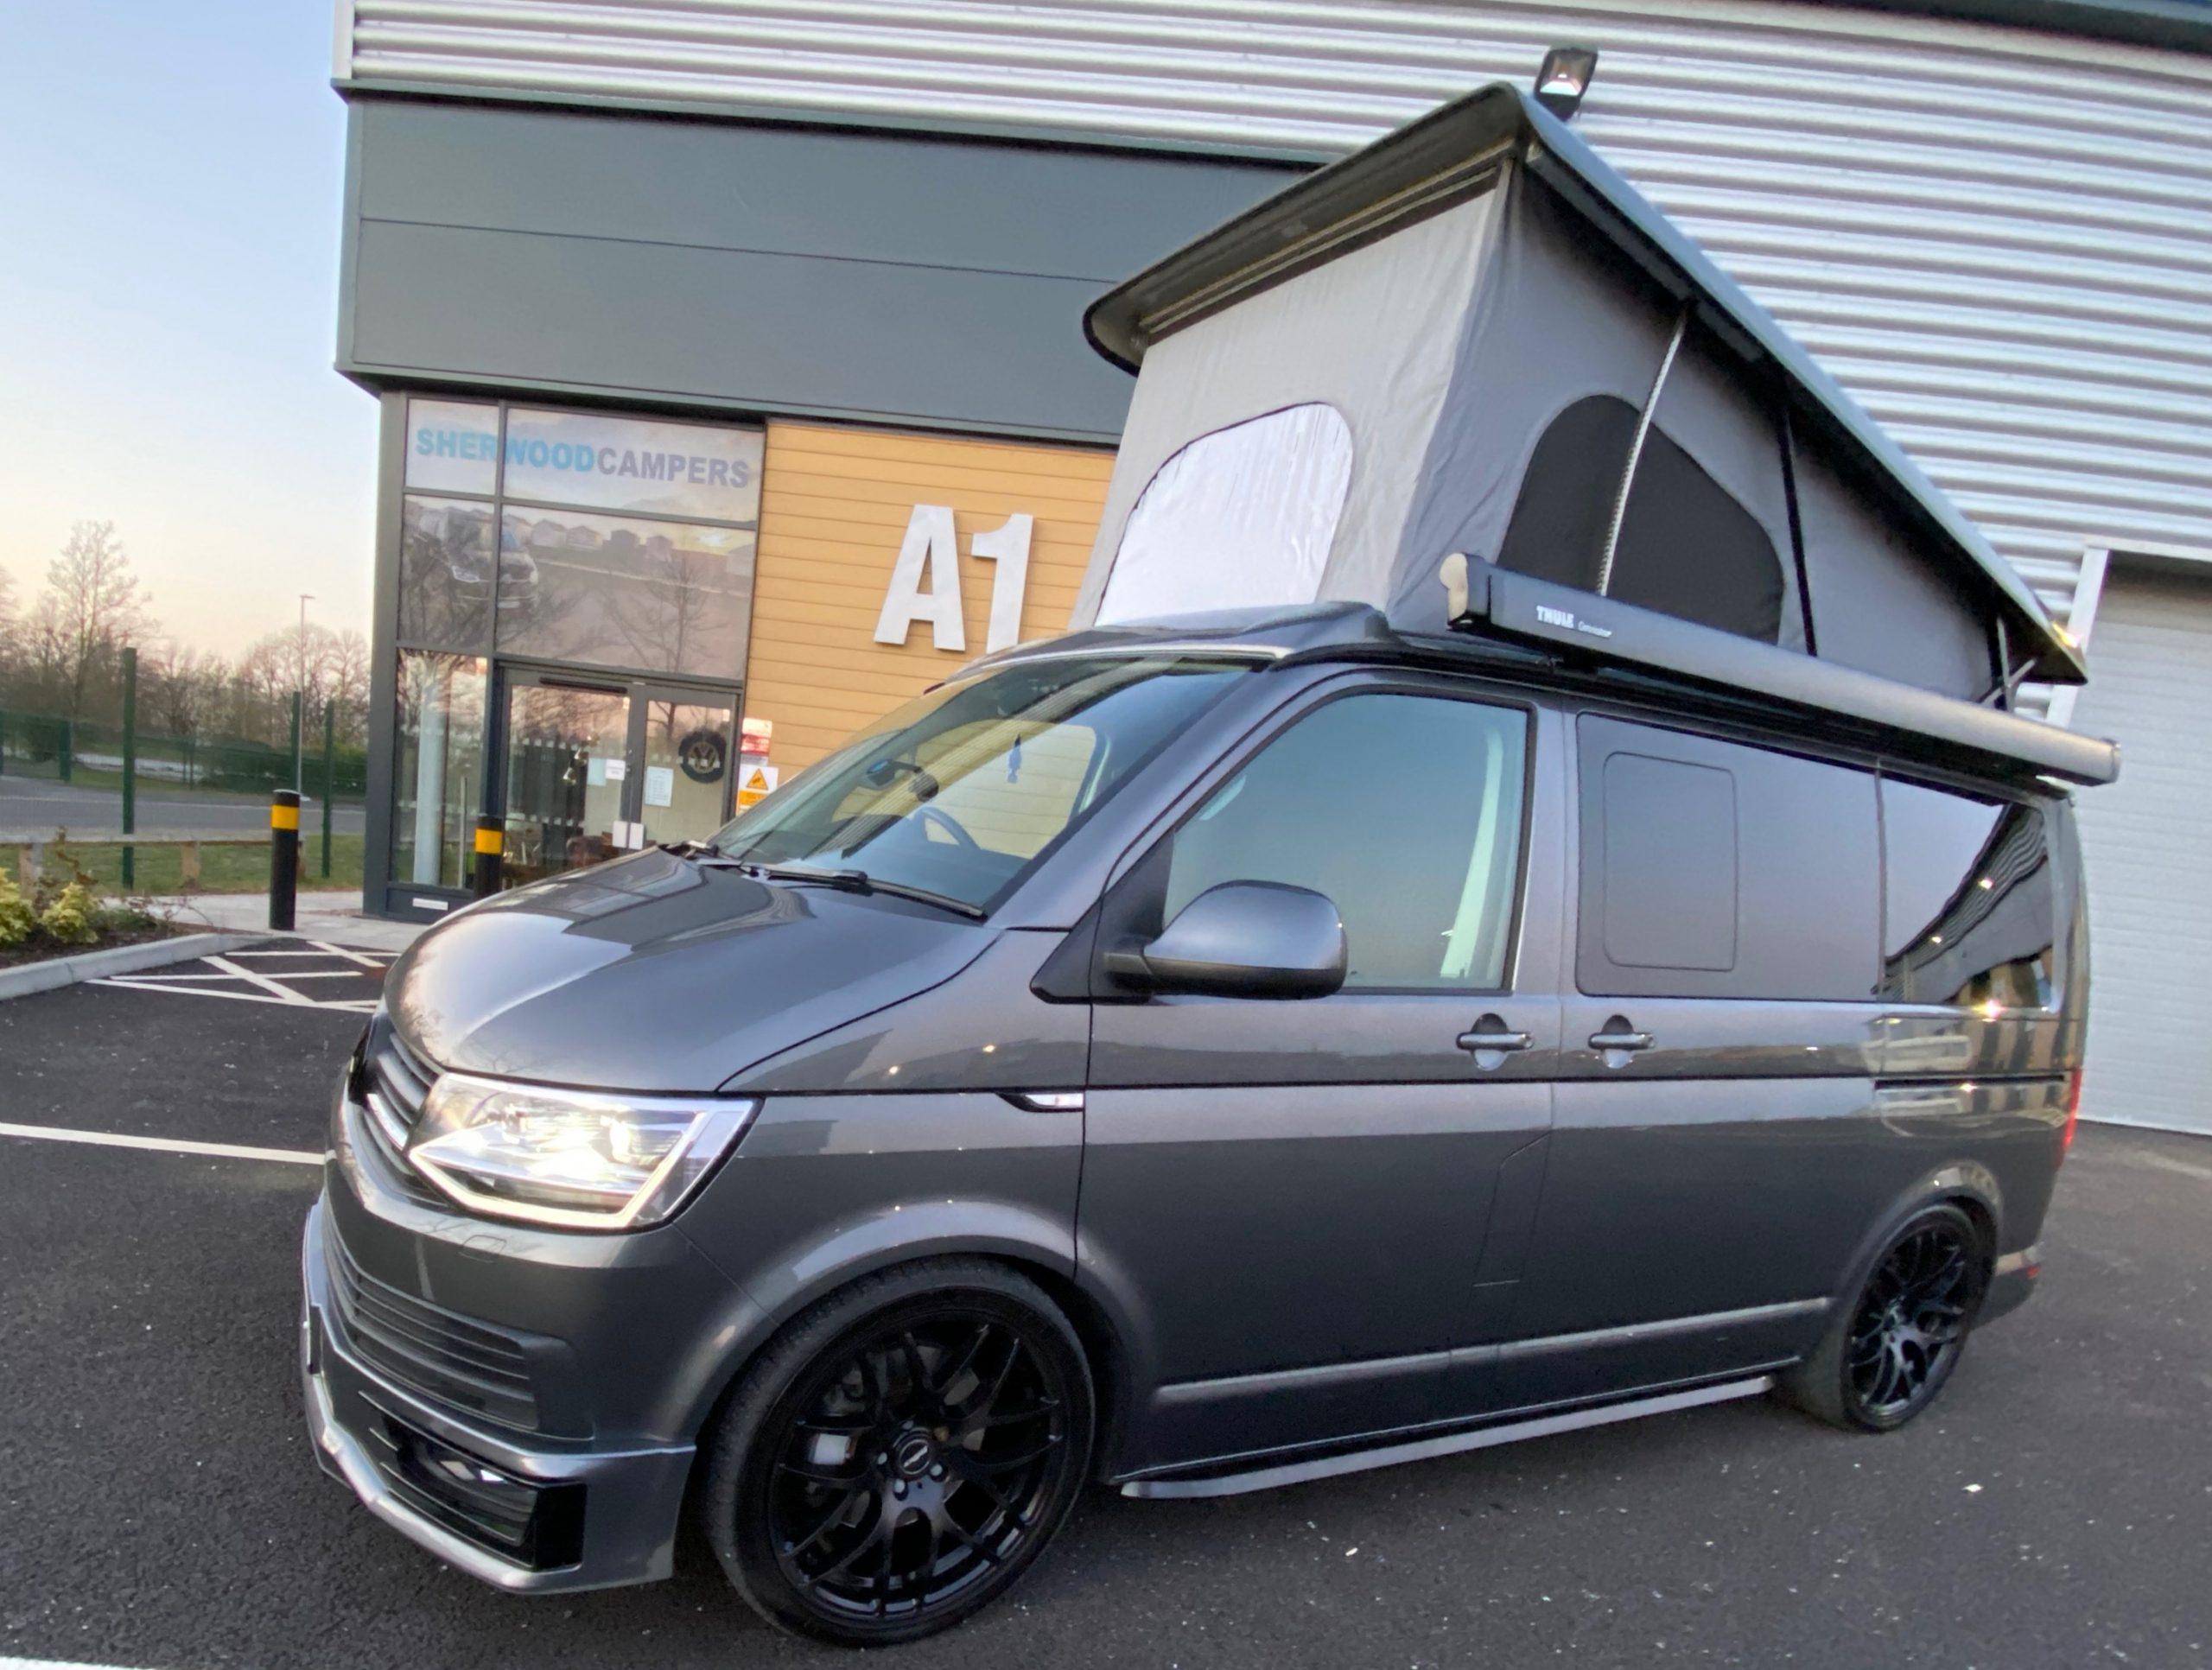 Converted Vw T5 T6 Camper Vans For Sale Sherwood Campers